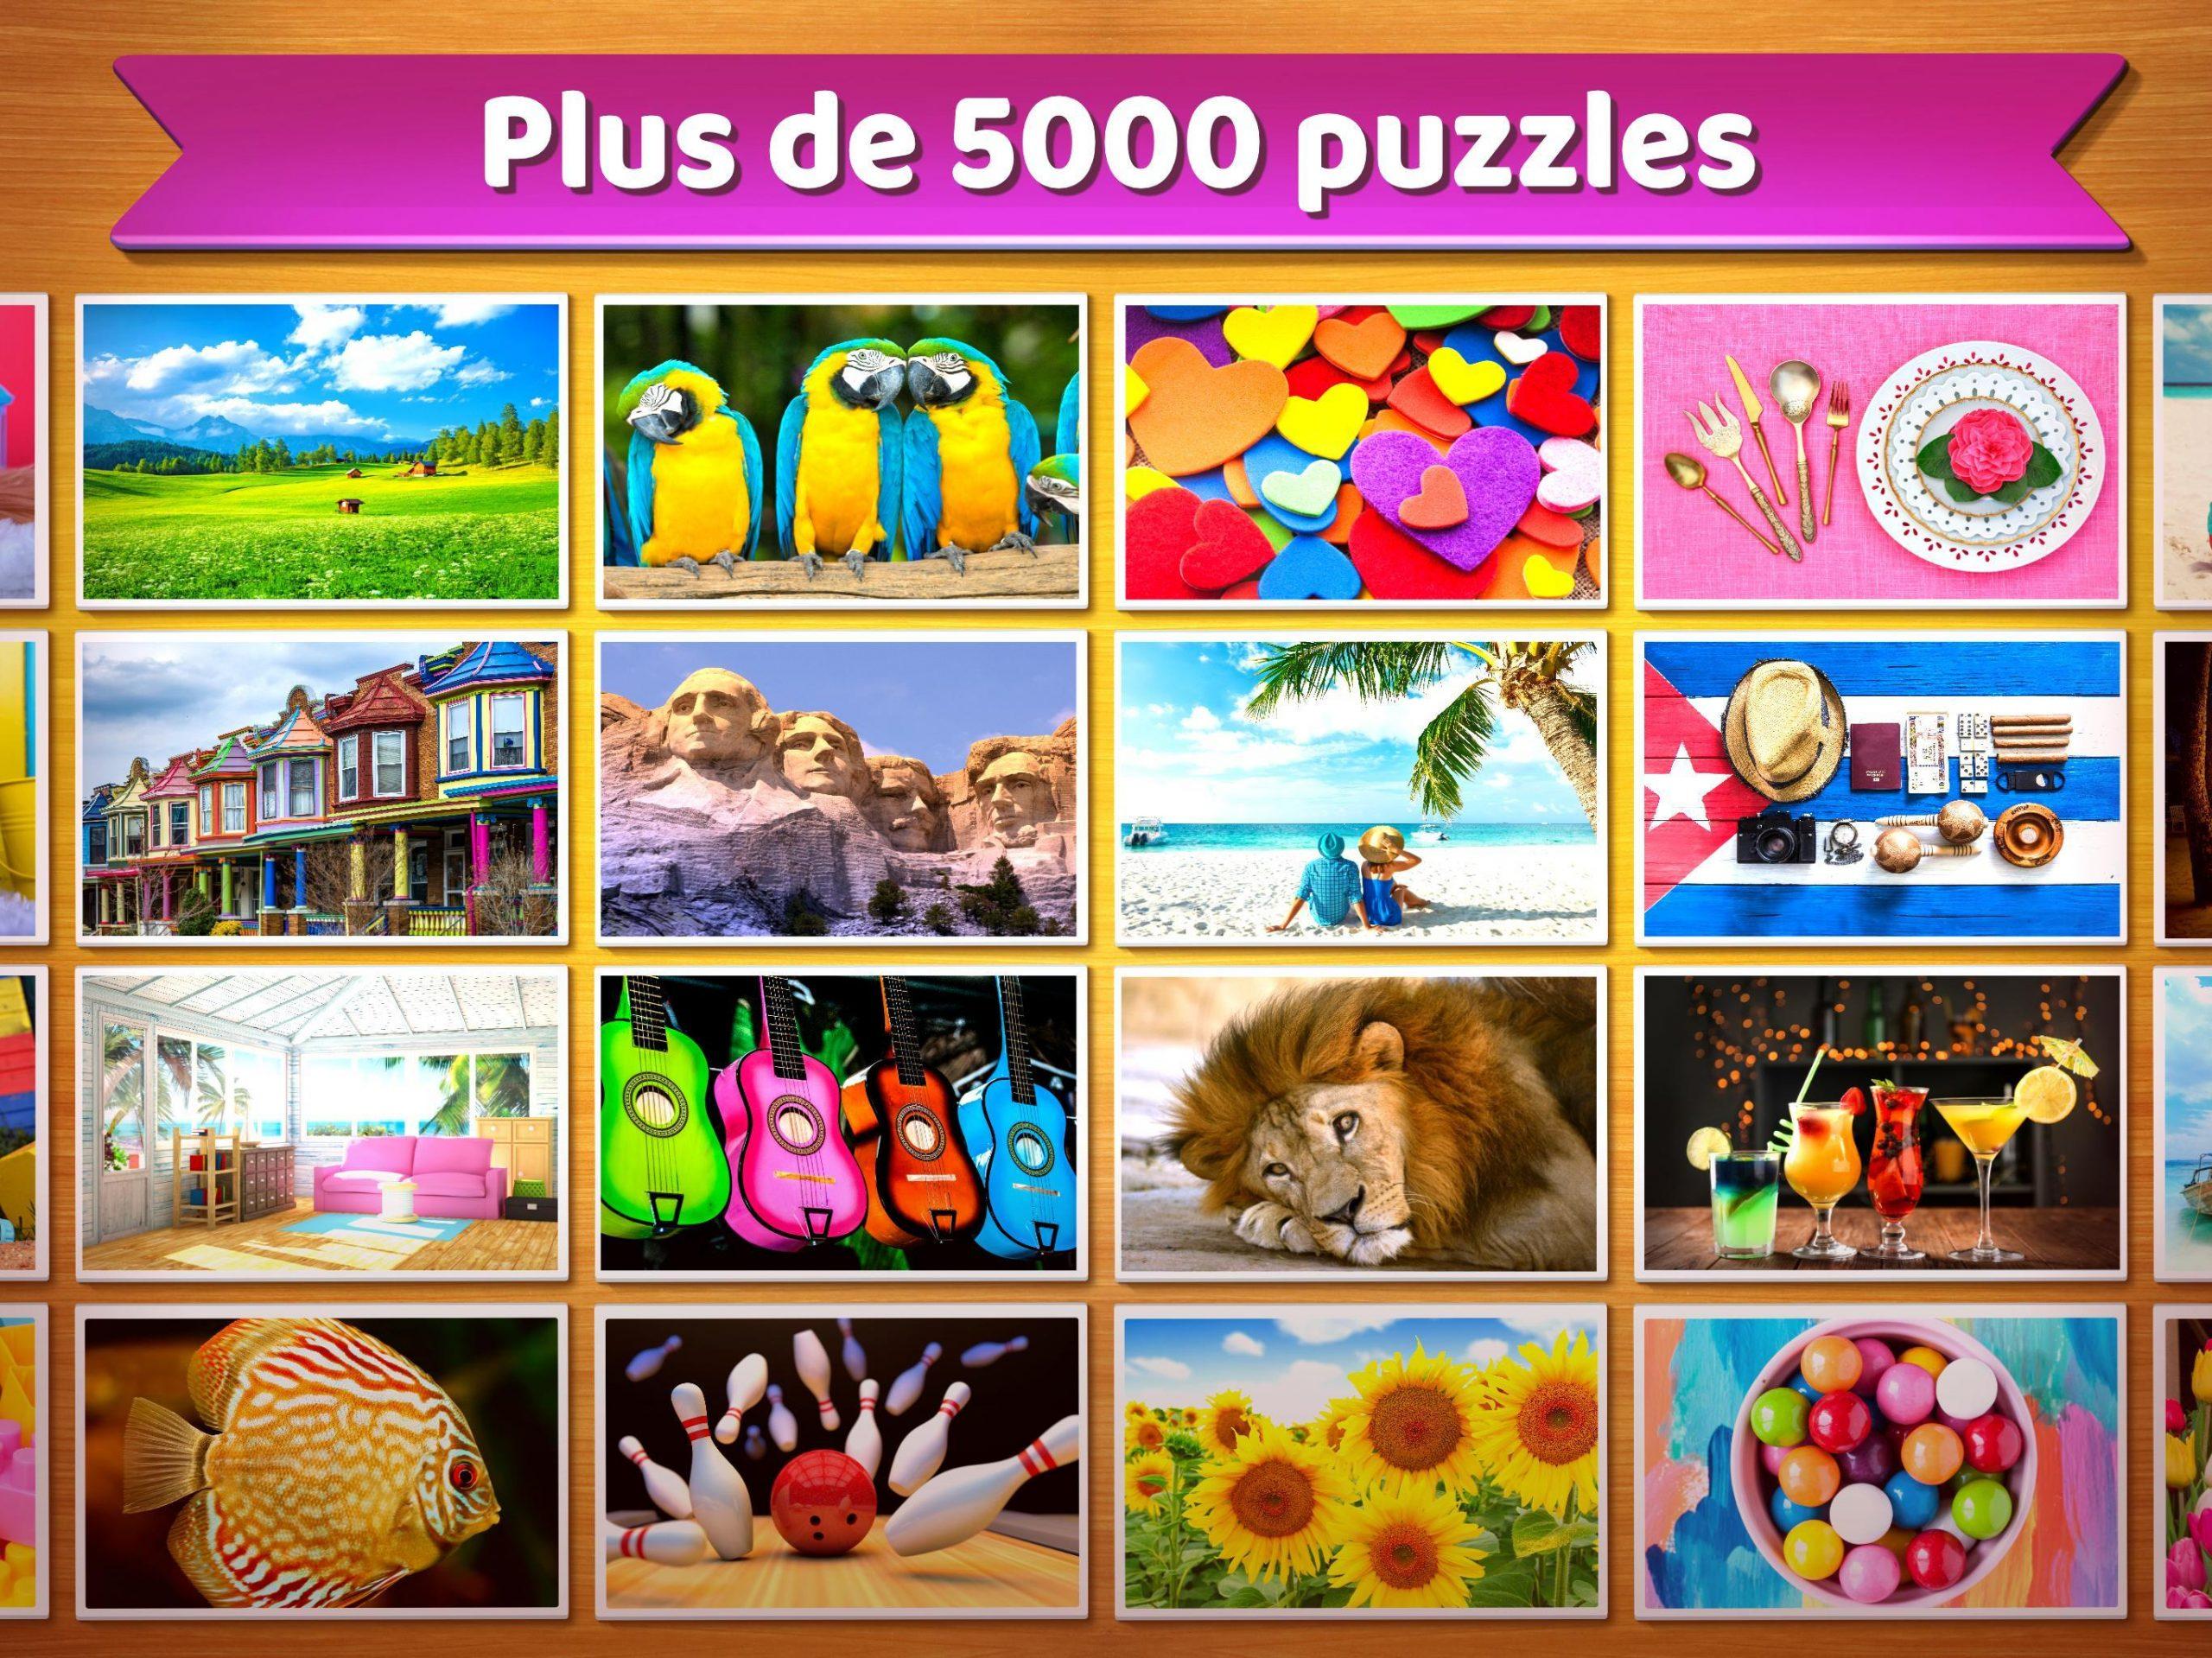 Puzzle 🧩 - Jeux De Puzzle Gratuit Pour Android encequiconcerne Jouer Puzzle Gratuit